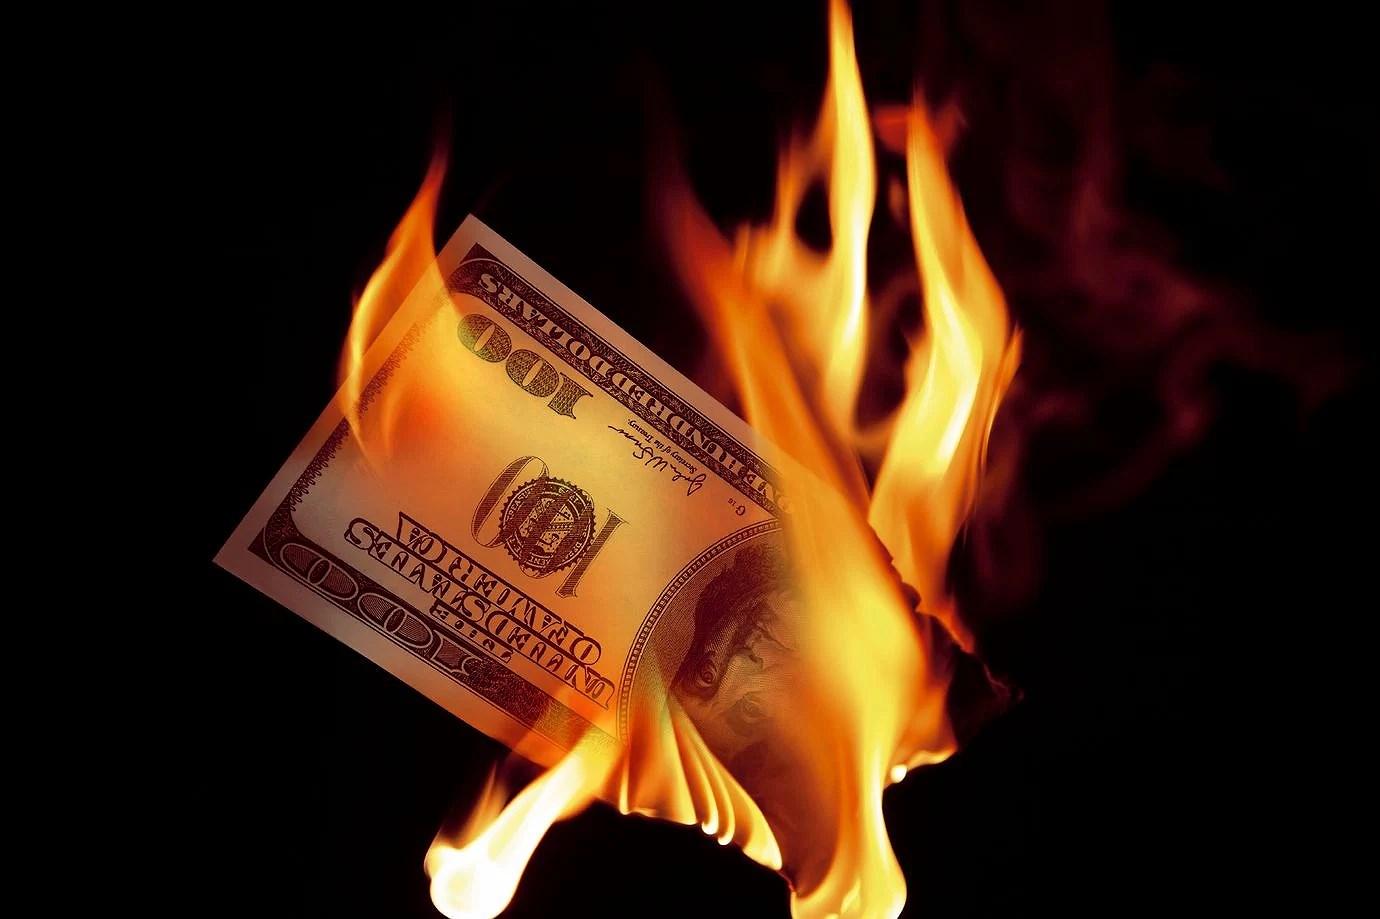 Låt gamla pengar gå till välgörenhet